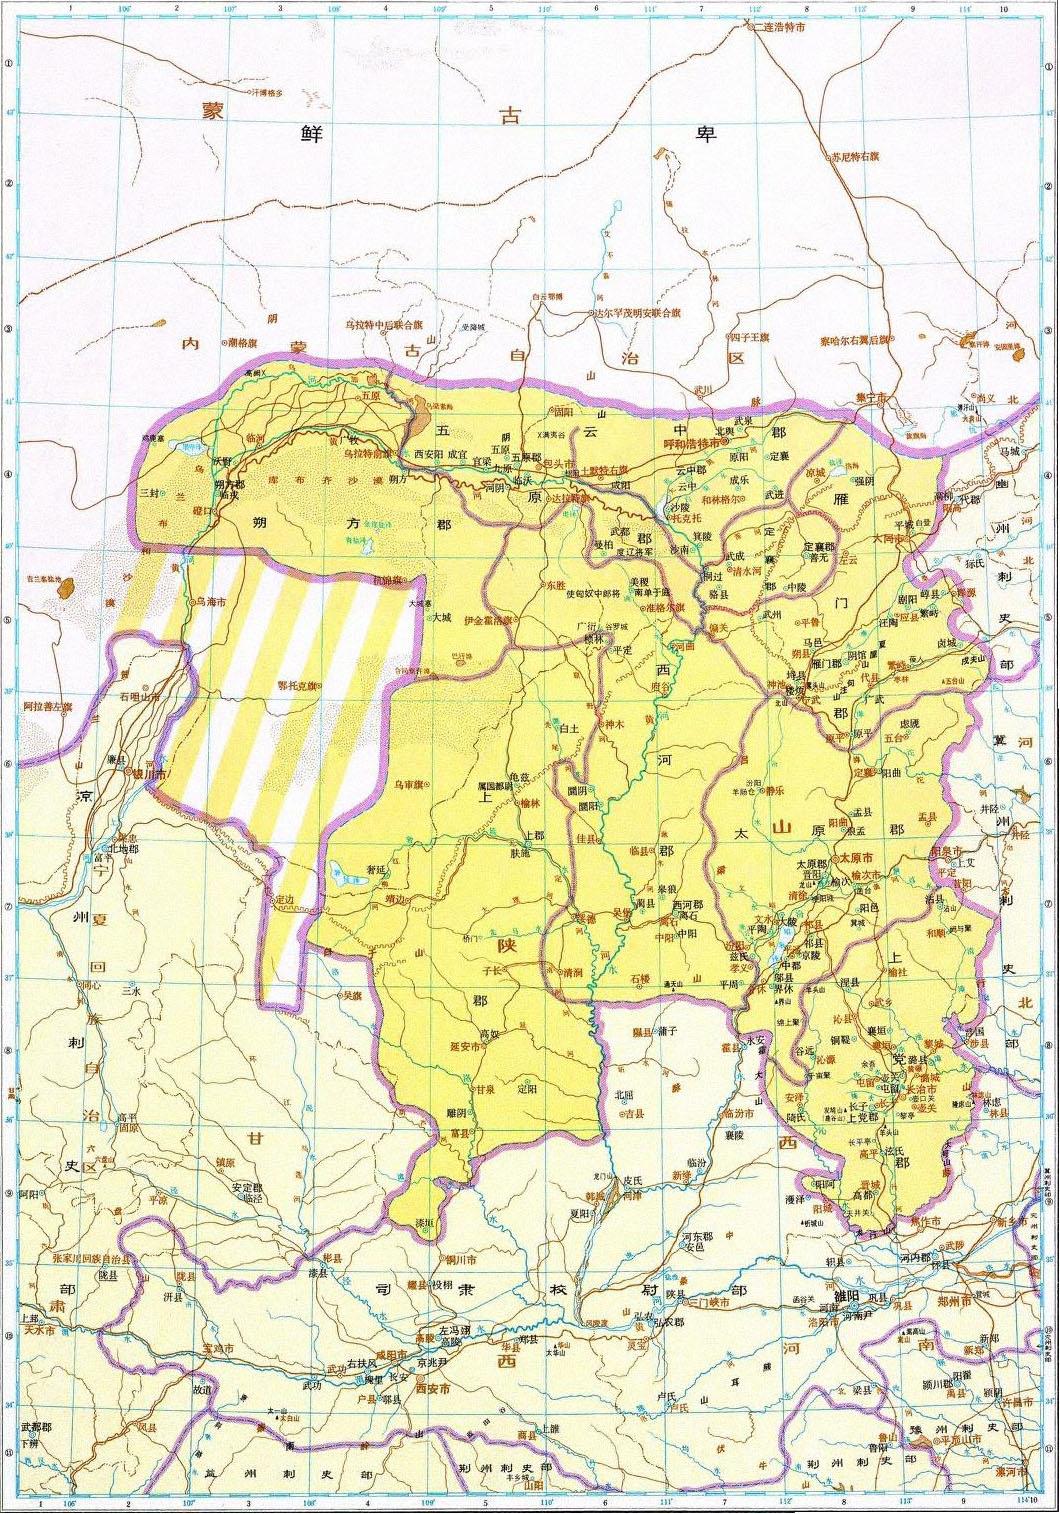 地图 太原/历史地图:并州刺史部(东汉)